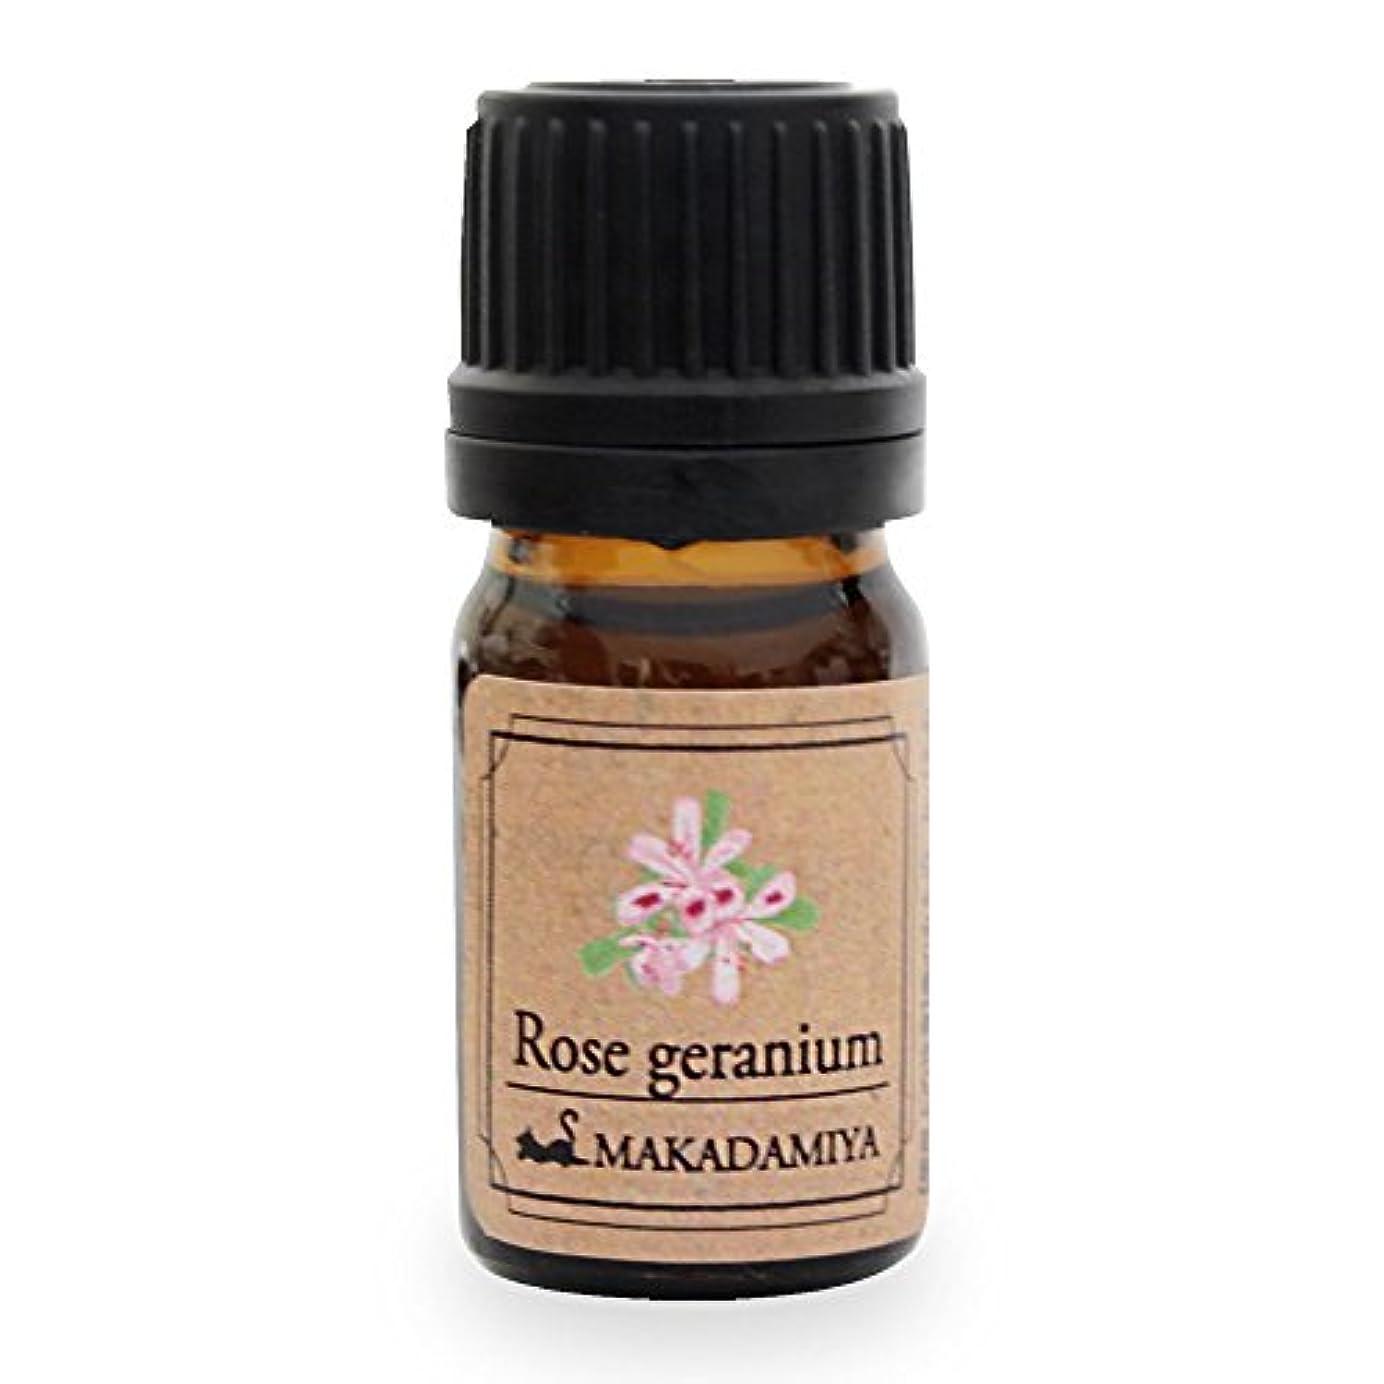 警報スリルそれに応じてローズゼラニウム5ml 天然100%植物性 エッセンシャルオイル(精油) アロマオイル アロママッサージ aroma Rose Geranium